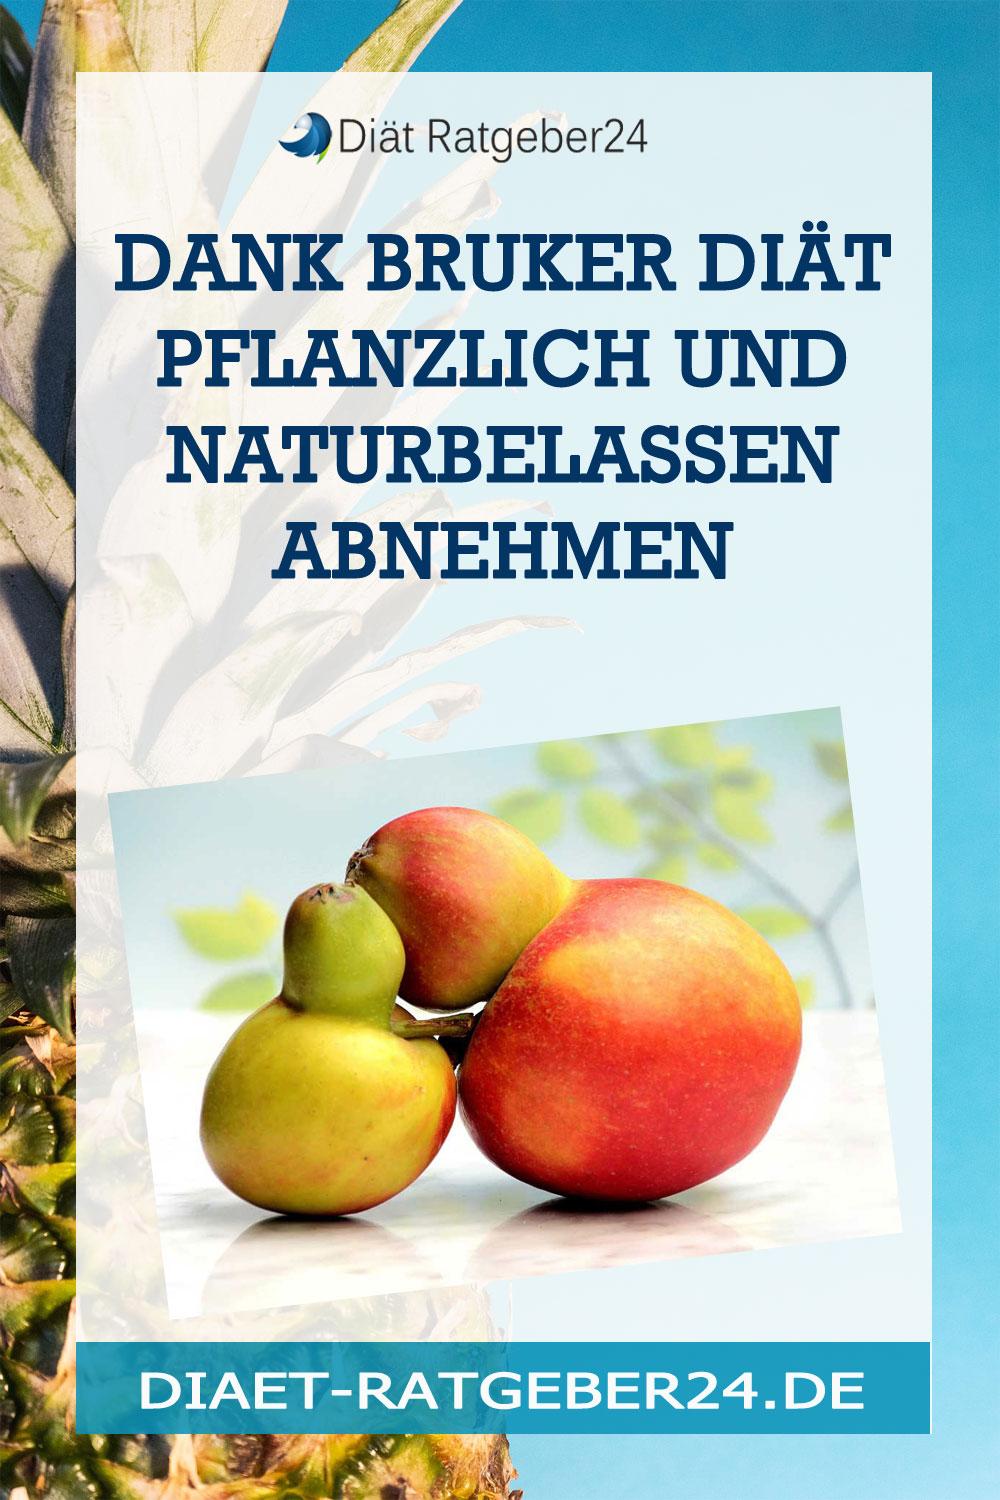 Dank Bruker-Diät pflanzlich und naturbelassen abnehmen